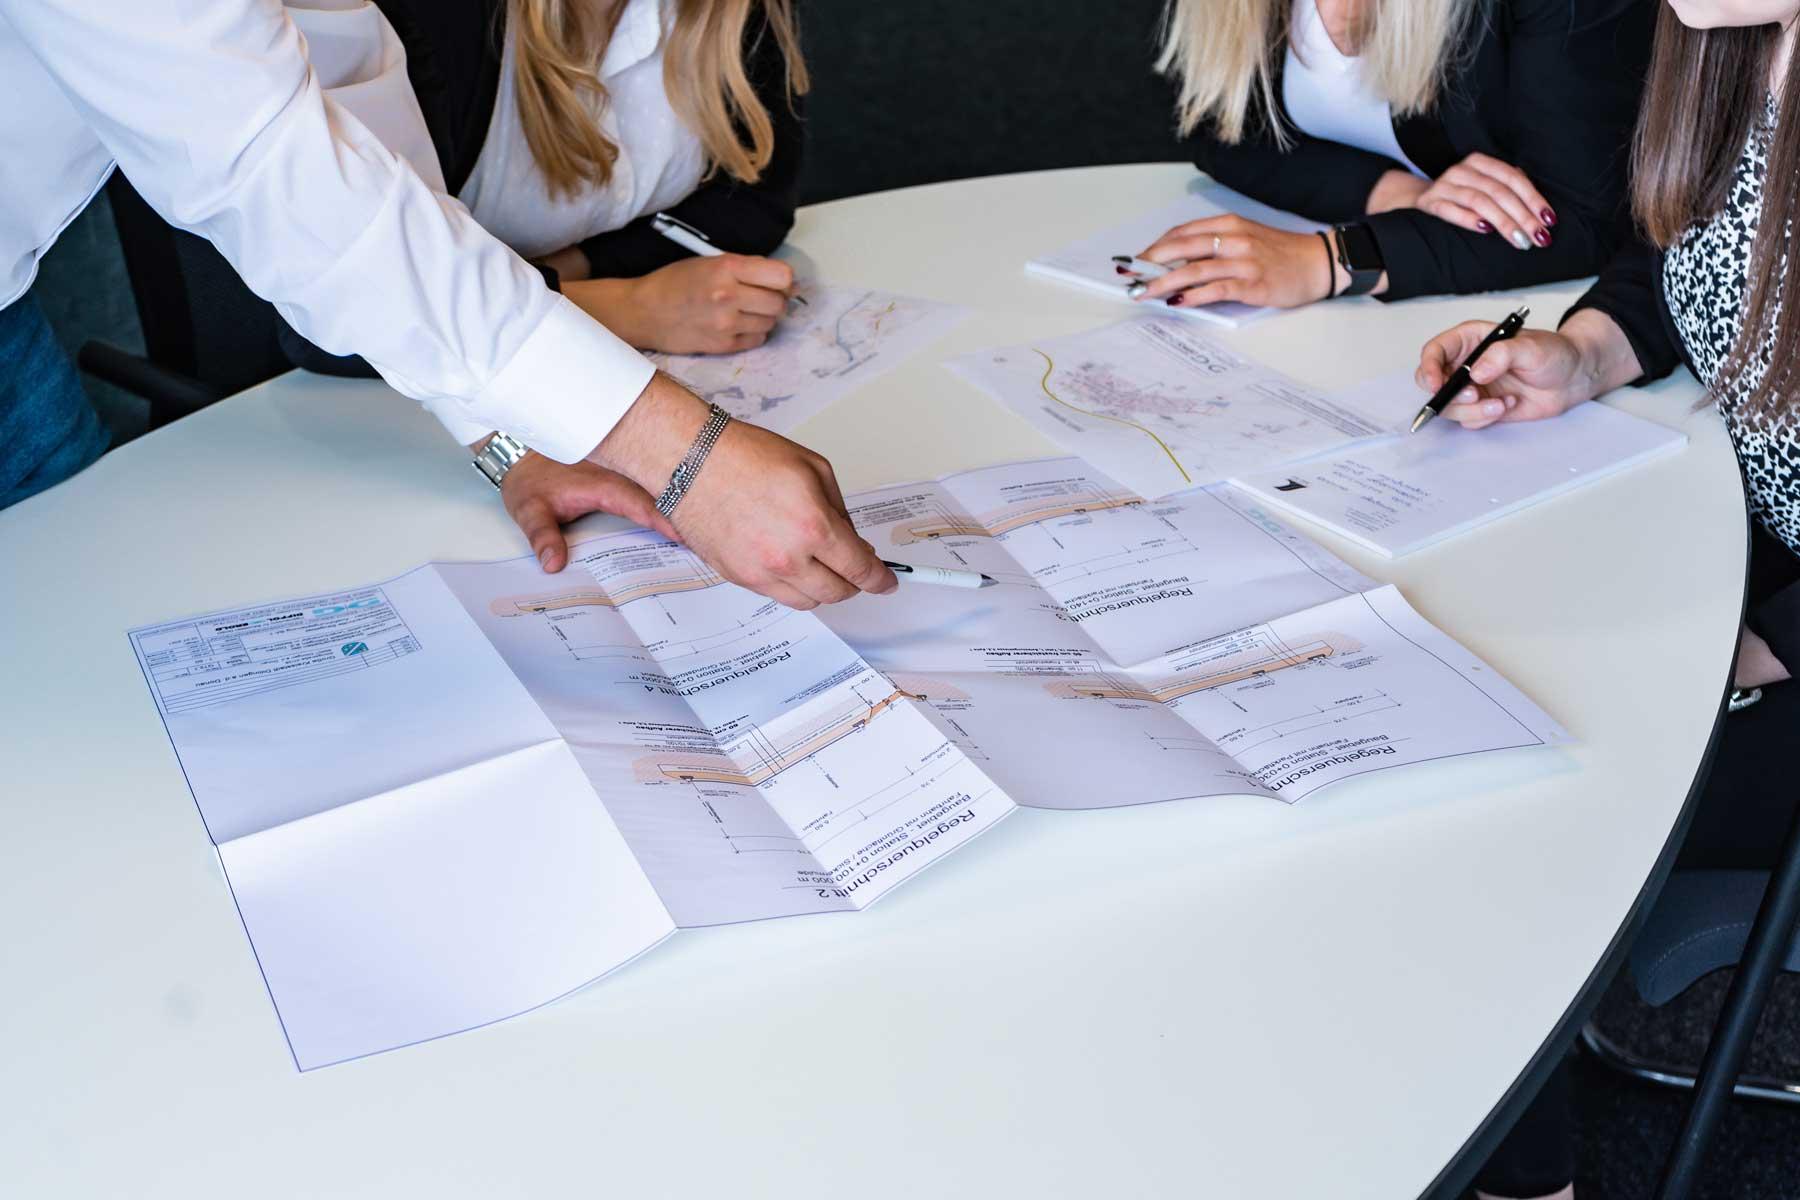 Teambesprechung am Tisch mit Bauplan